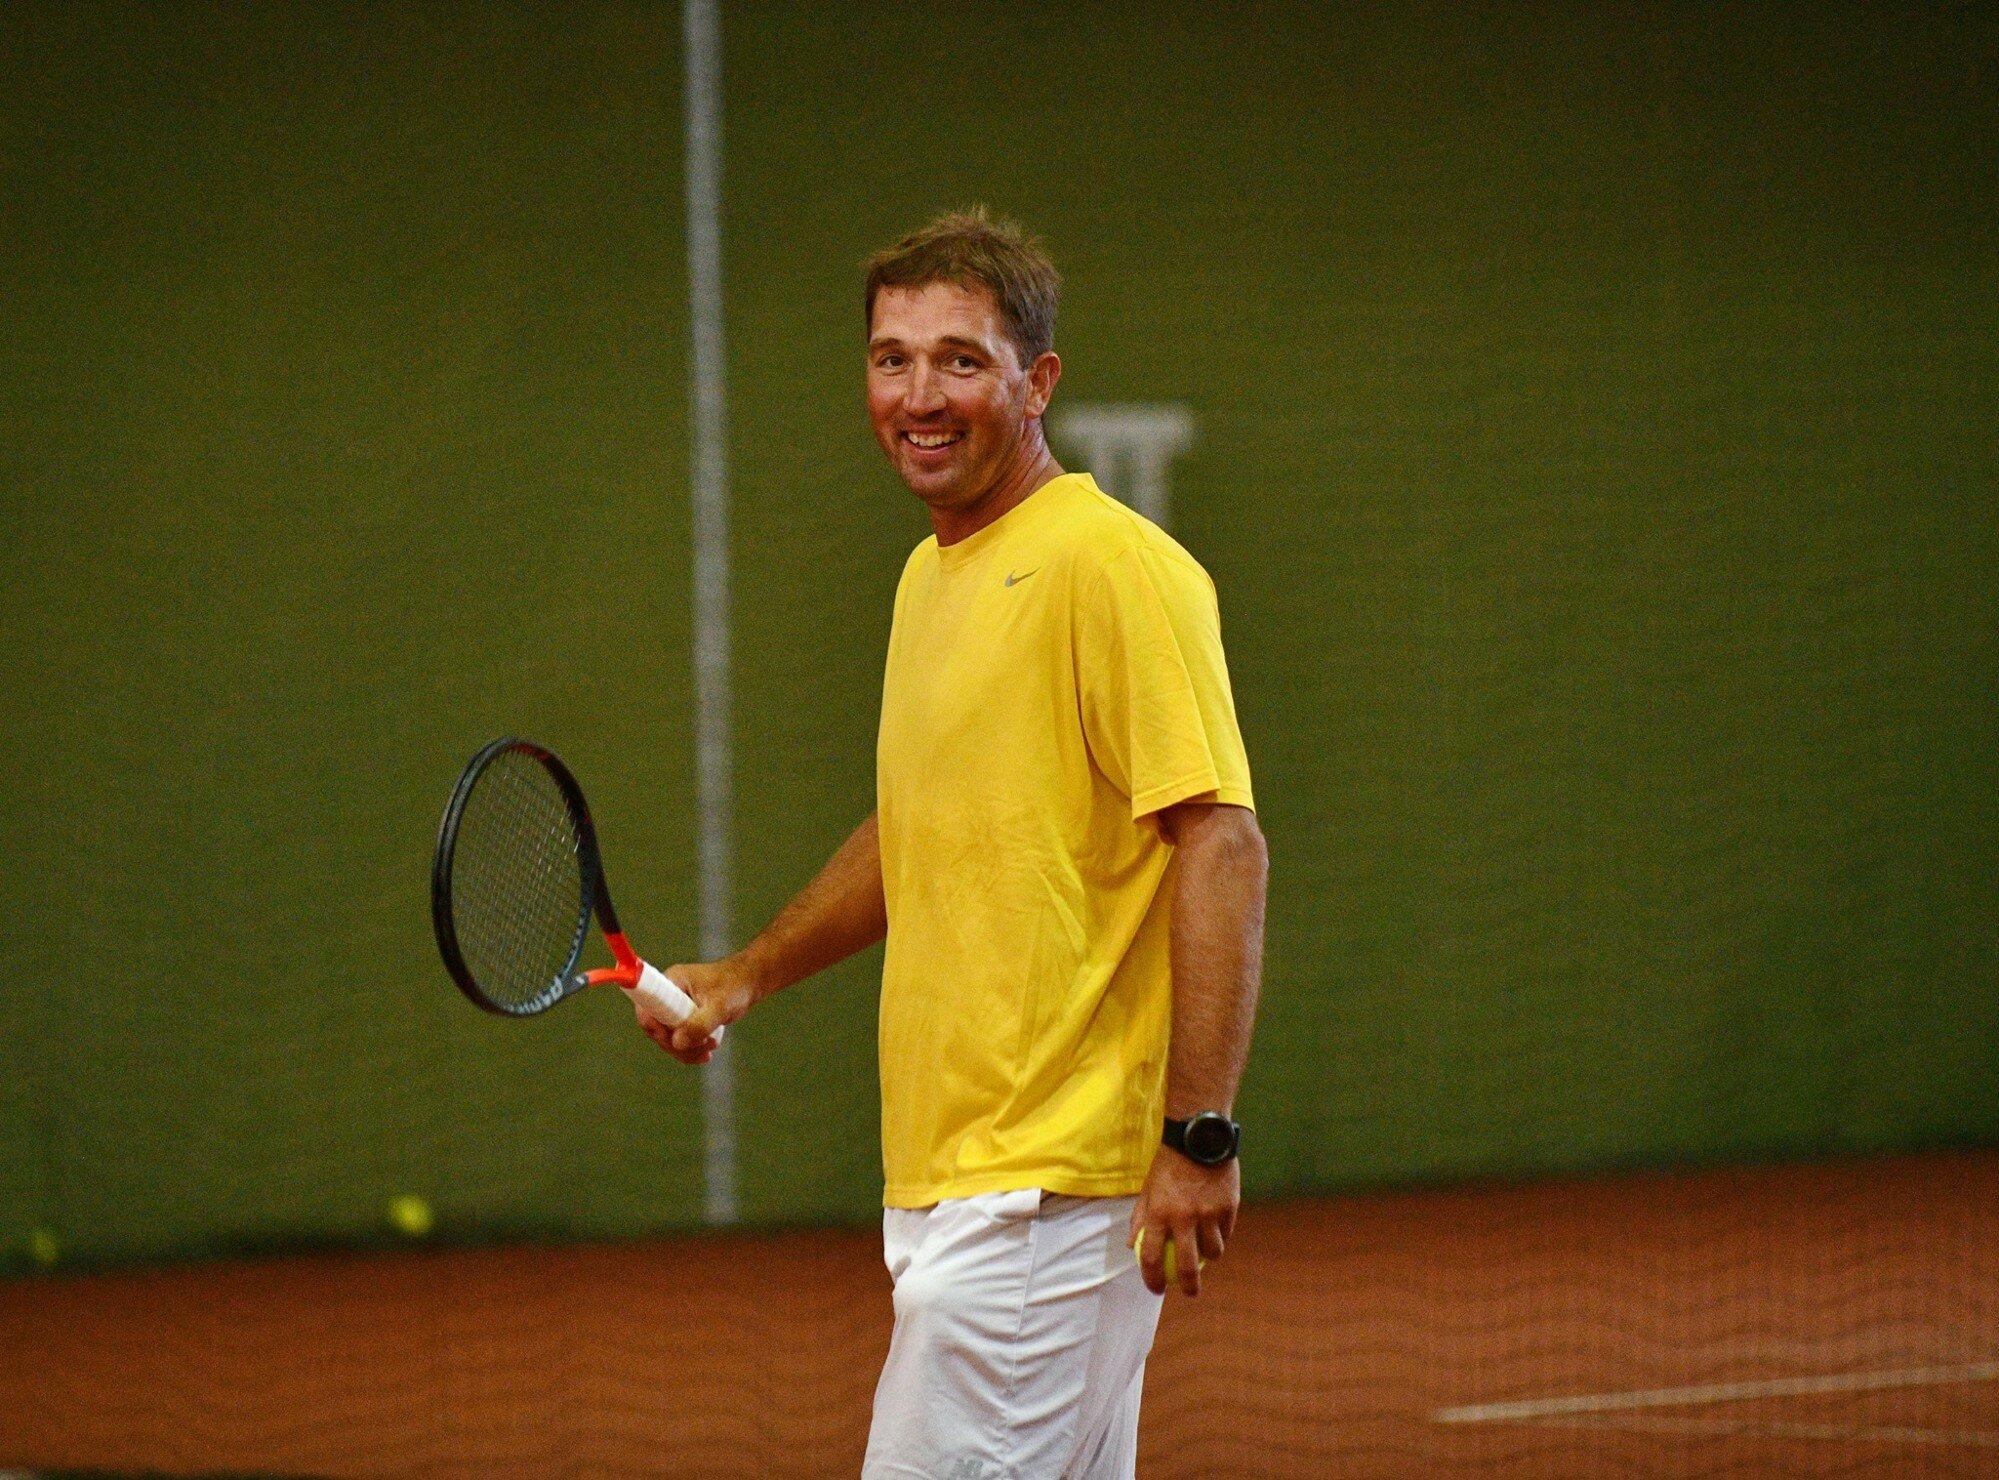 Спорное решение капитана сборной Украины по теннису: Цуренко и Козлова остаются дома